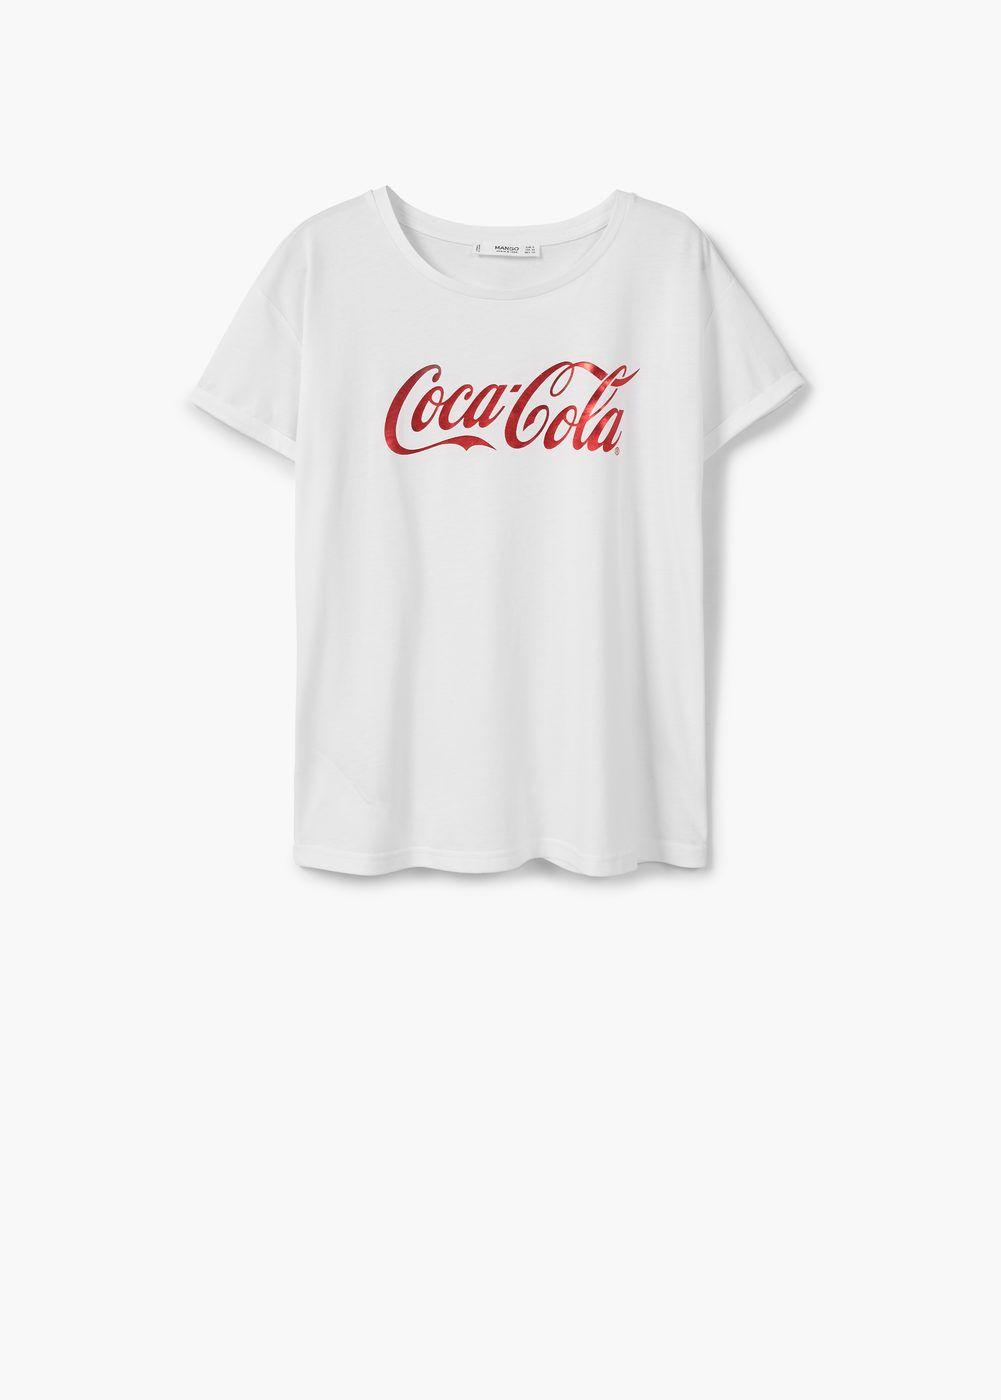 a90afdd8958dc8 Camiseta coca-cola - Mujer en 2019 | Estilo | Coca cola, Camisetas y ...